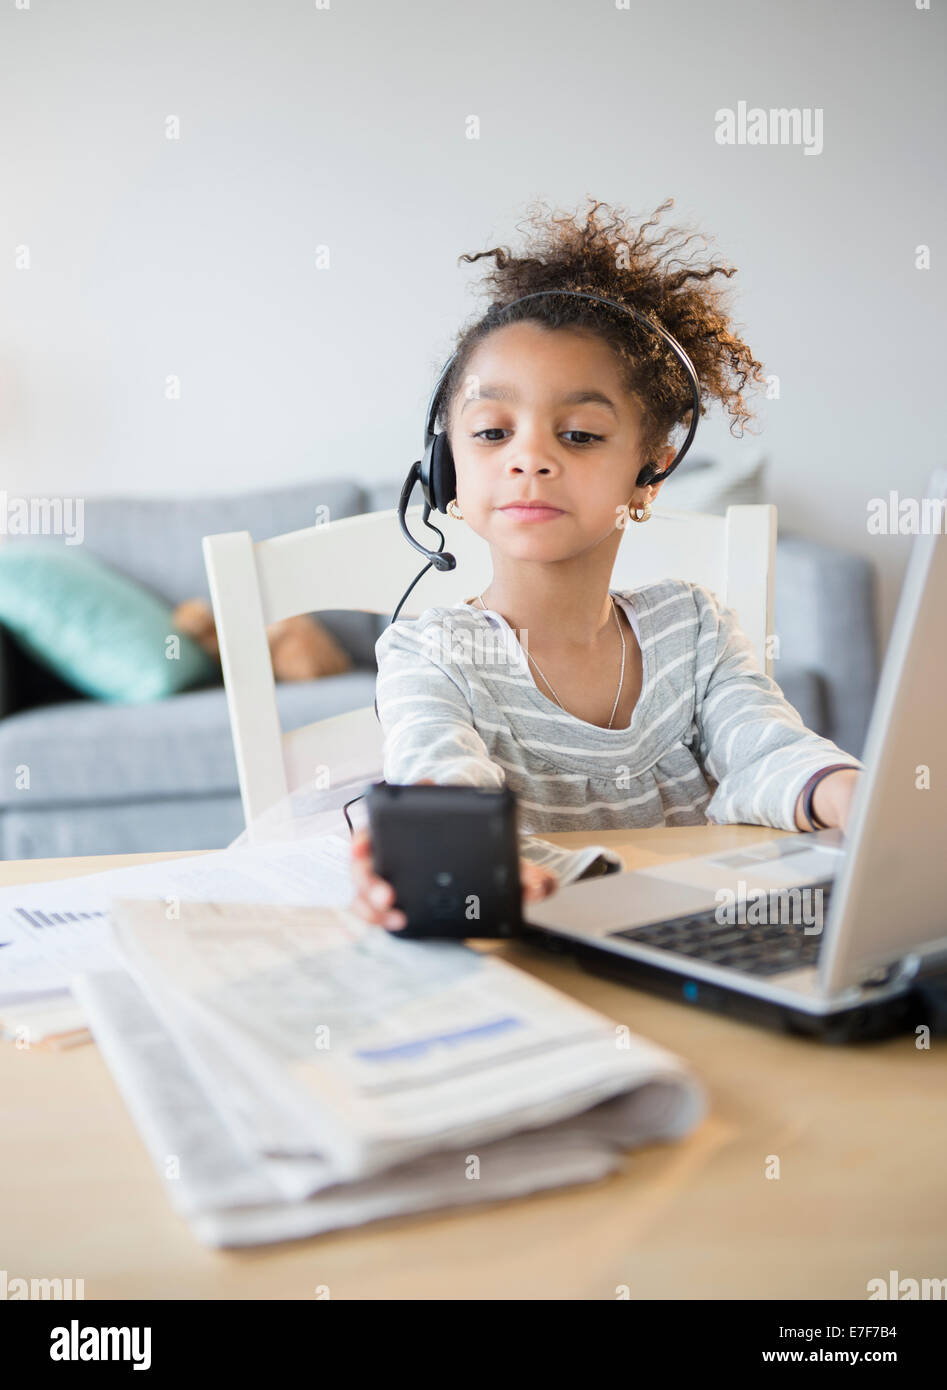 Afroamerikanische Mädchen mit Kopfhörer, Handy und laptop Stockfoto